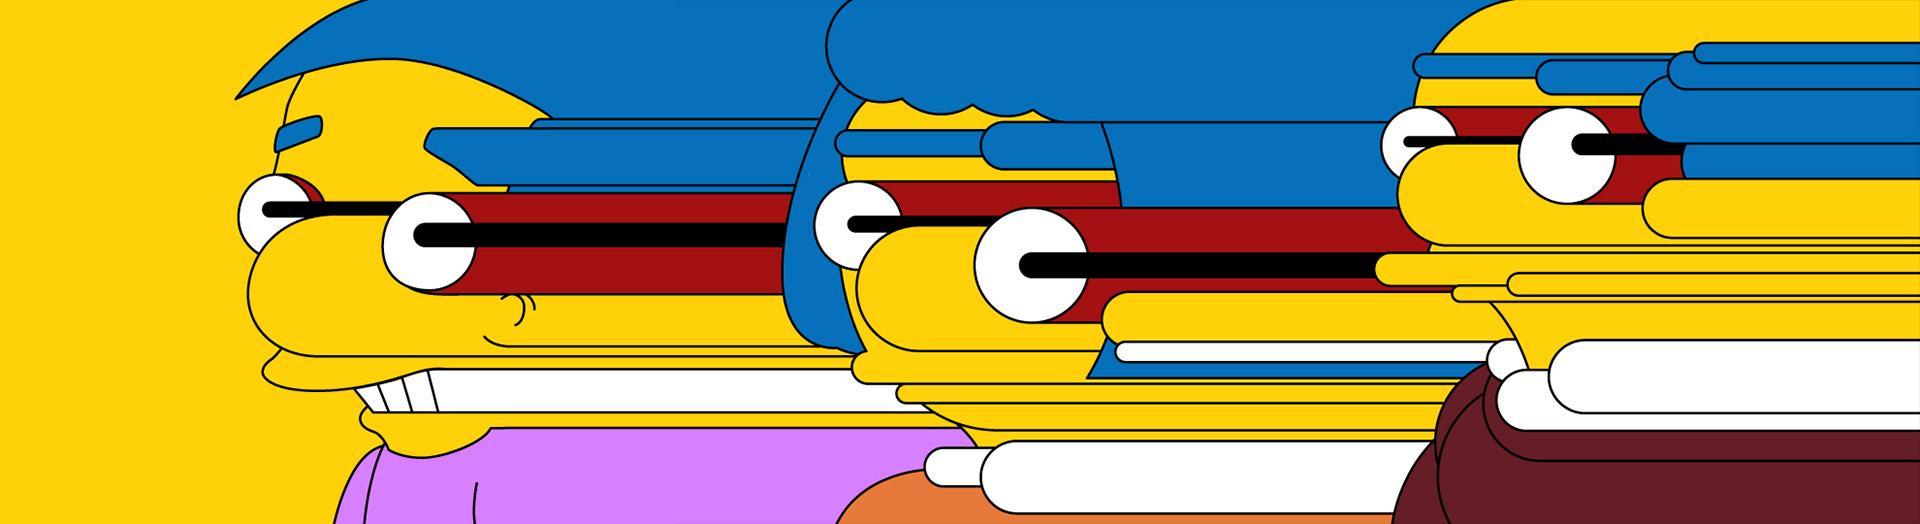 Diseños del estudio Laundry para la animación de los Simpson del canal FX - Foto: www.laundrymat.tv